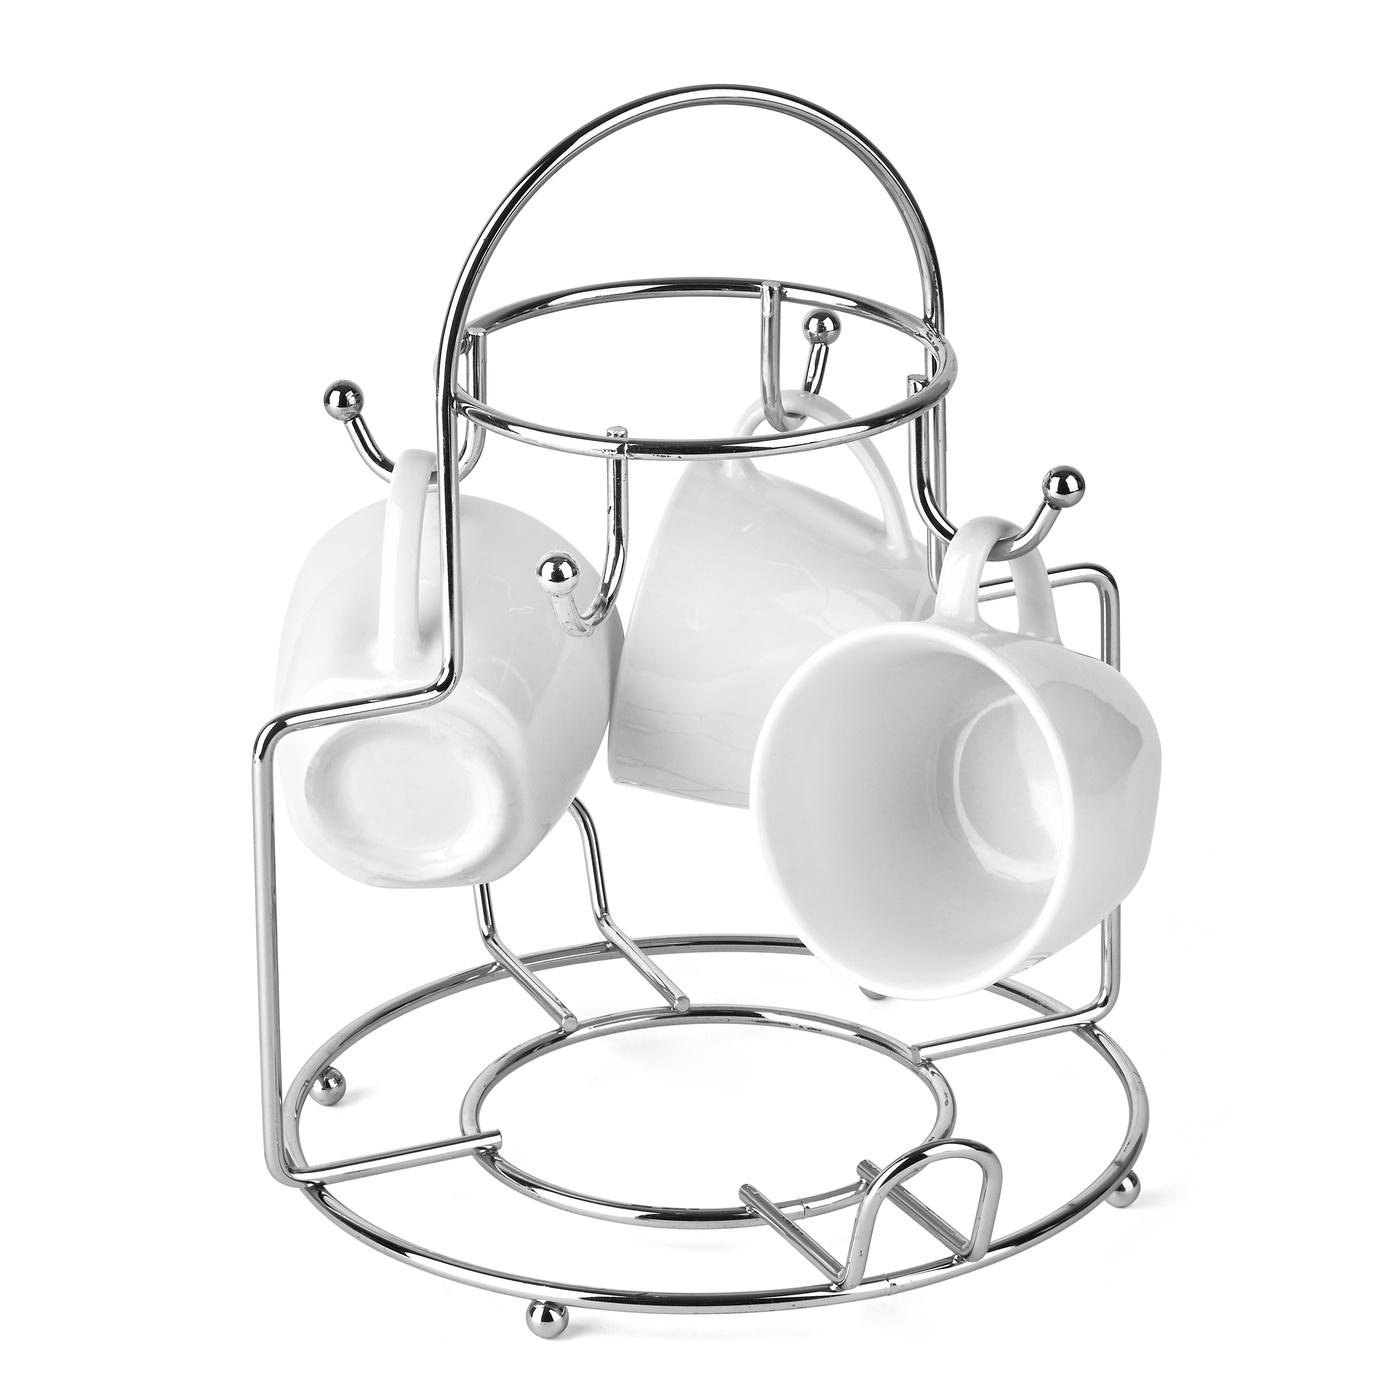 Drôtený stojan na poháre a čajník 21,8 x 23,5 x 27 cm